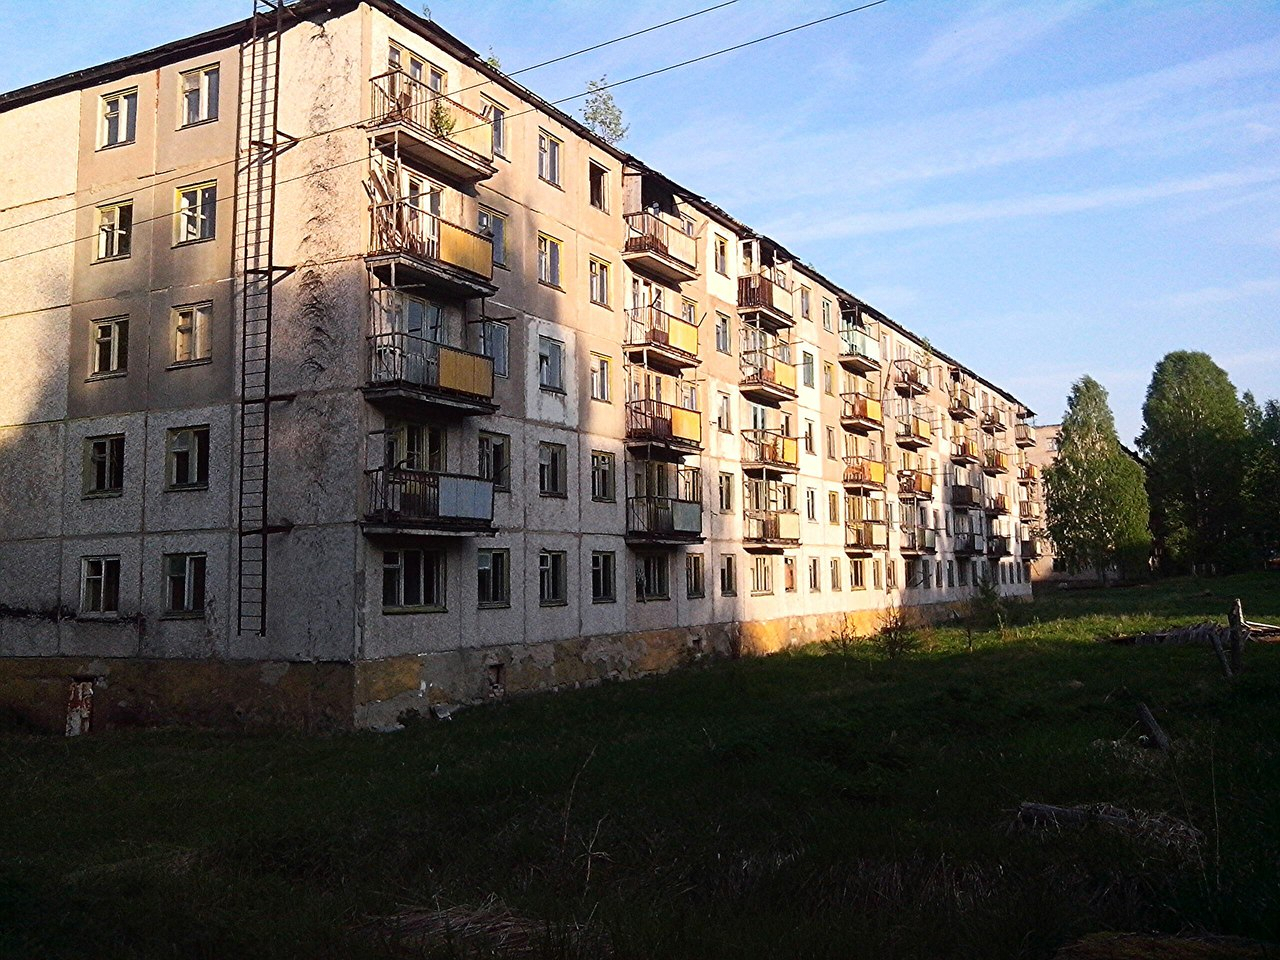 Что обсуждают в Чепецке: заброшенный город и пожар в квартире